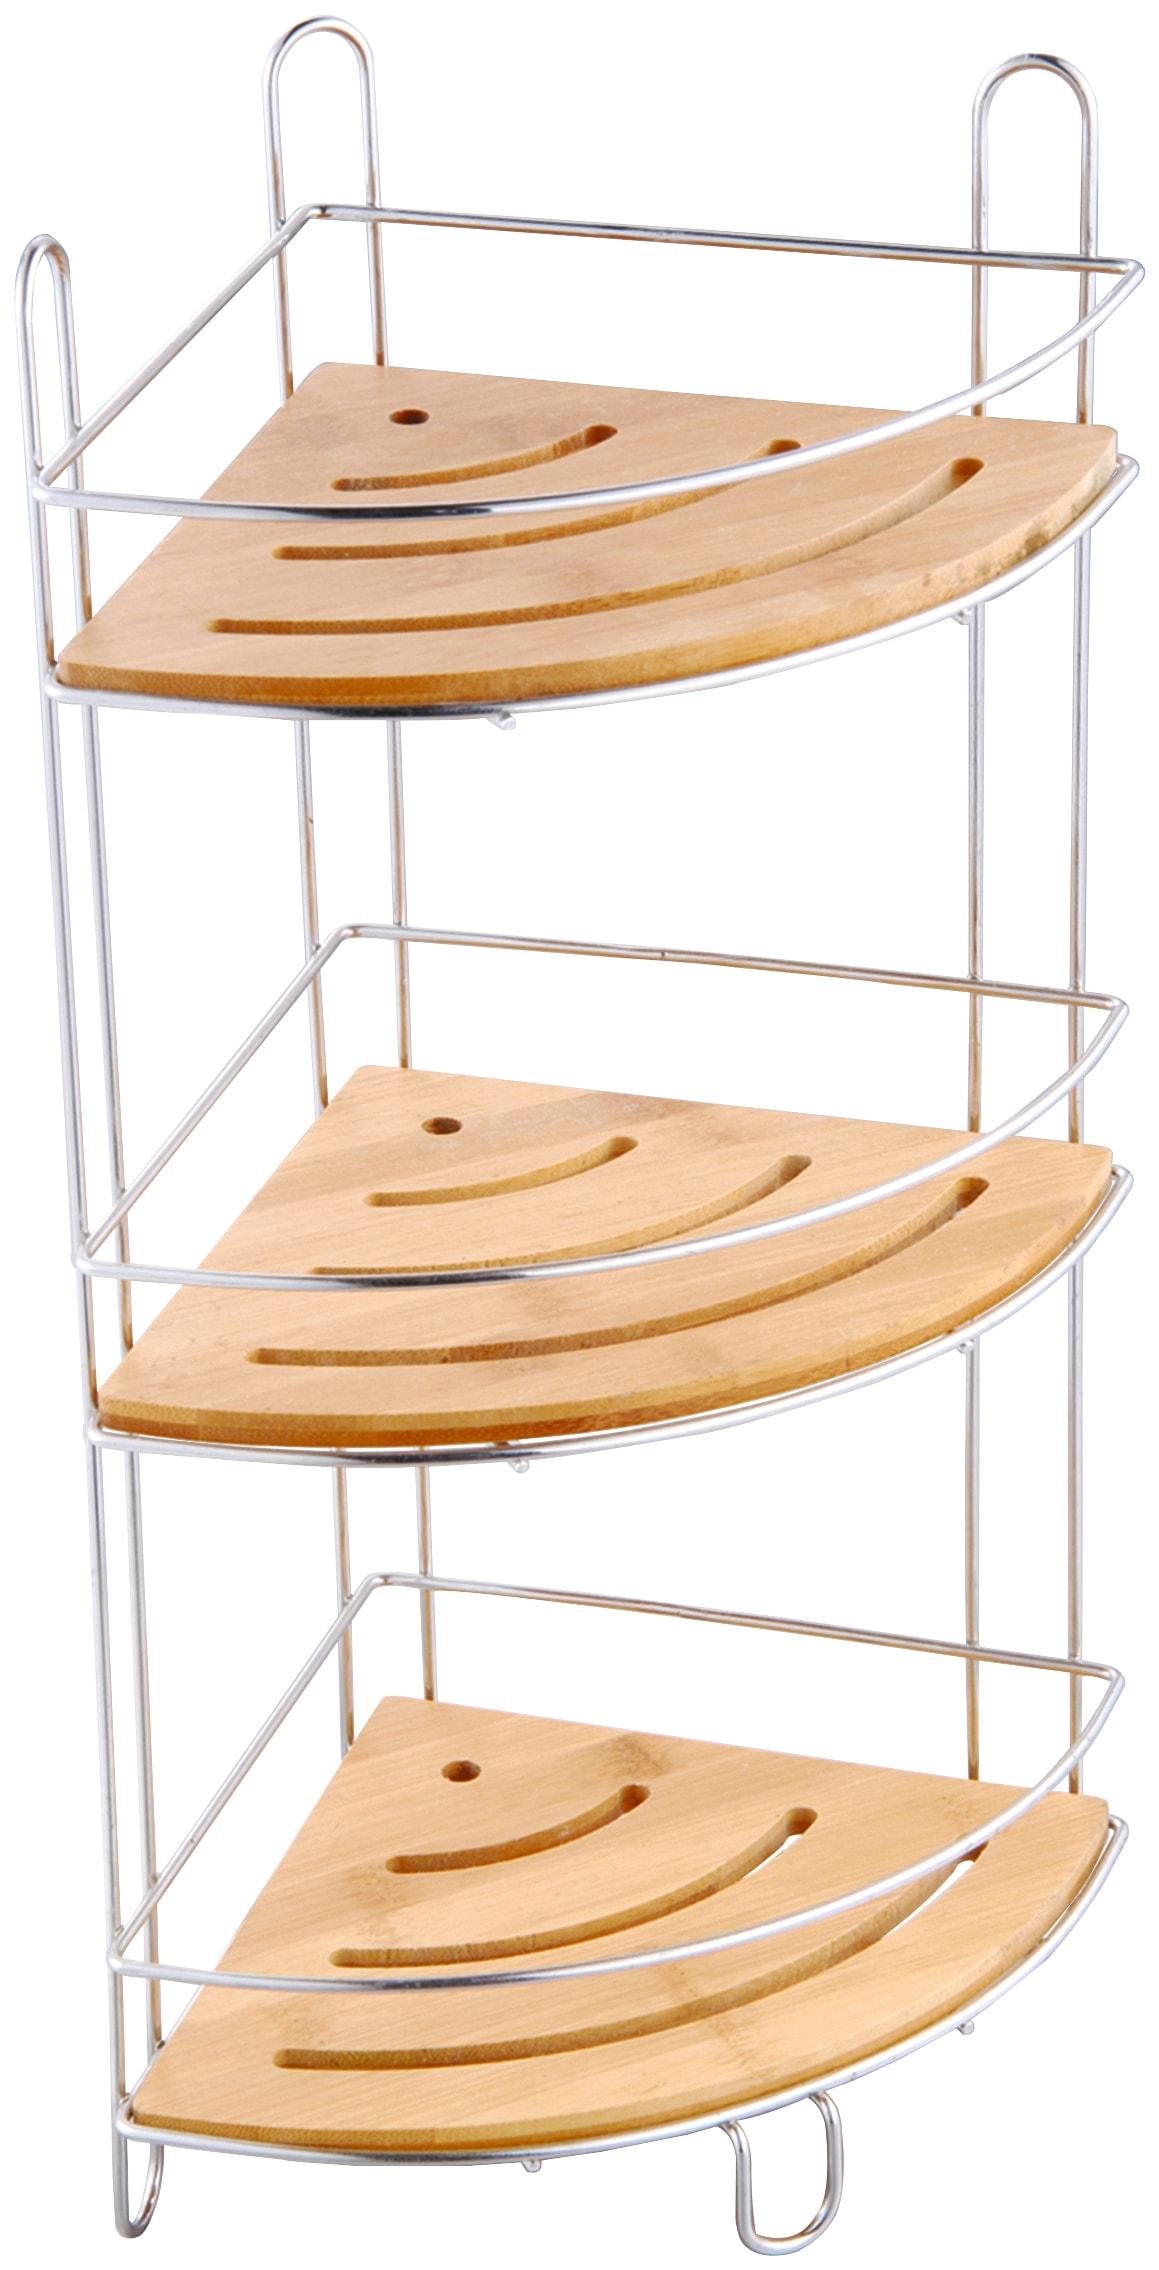 MSV Eckregal Standregal, 3 Ablagen, 19 x 48 cm braun Eckregale Regale